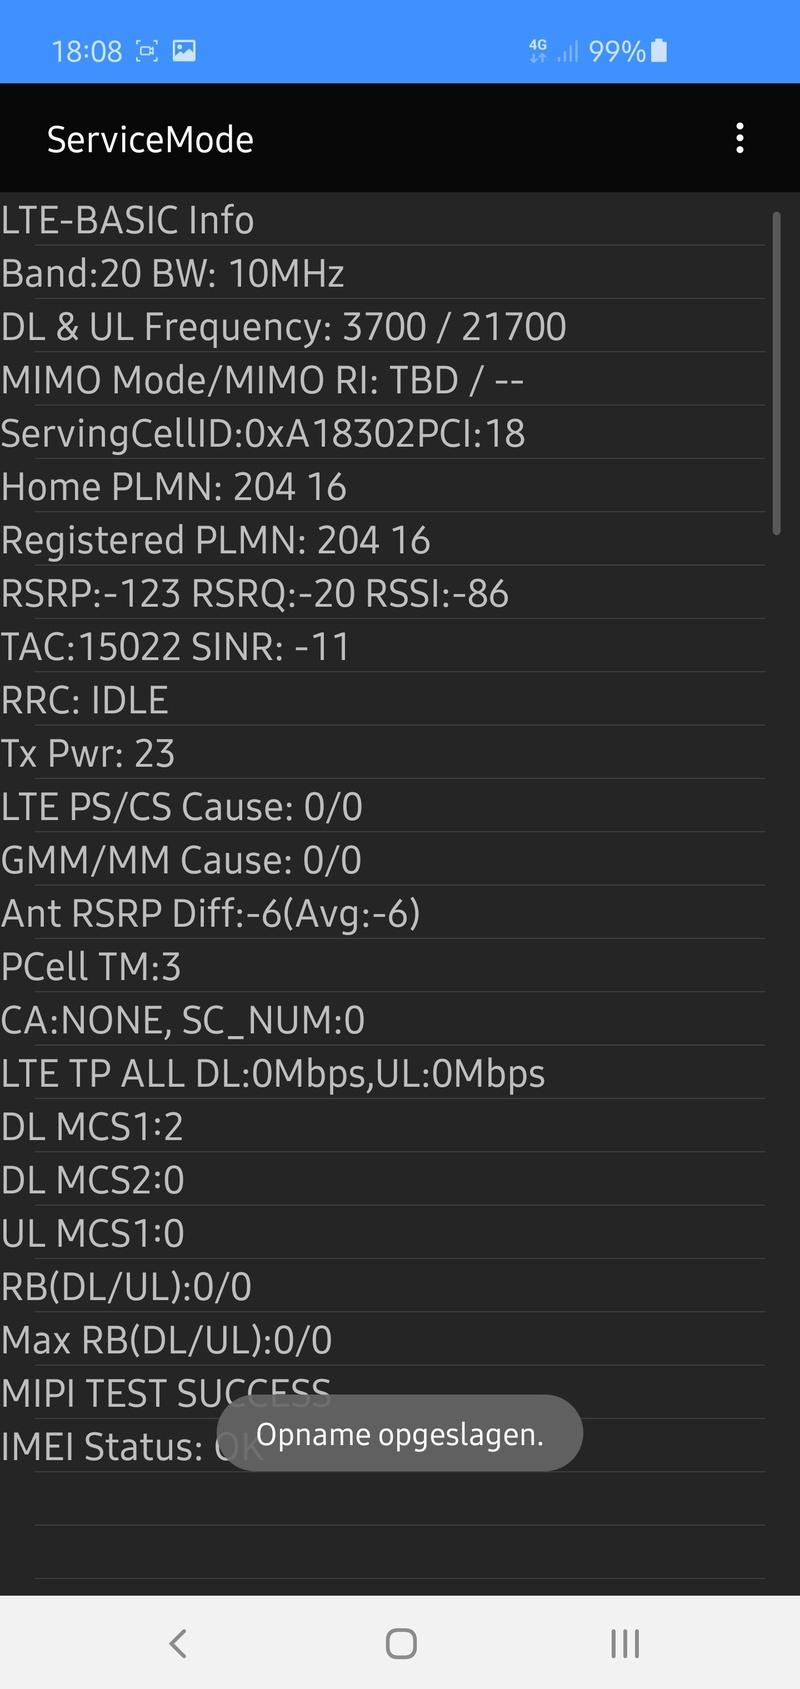 https://tweakers.net/i/c0ri-vFhTg2a9Dt8odJBAgs3tcQ=/800x/filters:strip_icc():strip_exif()/f/image/L62oC5RSz4OhnMBvtem58yDW.jpg?f=fotoalbum_large